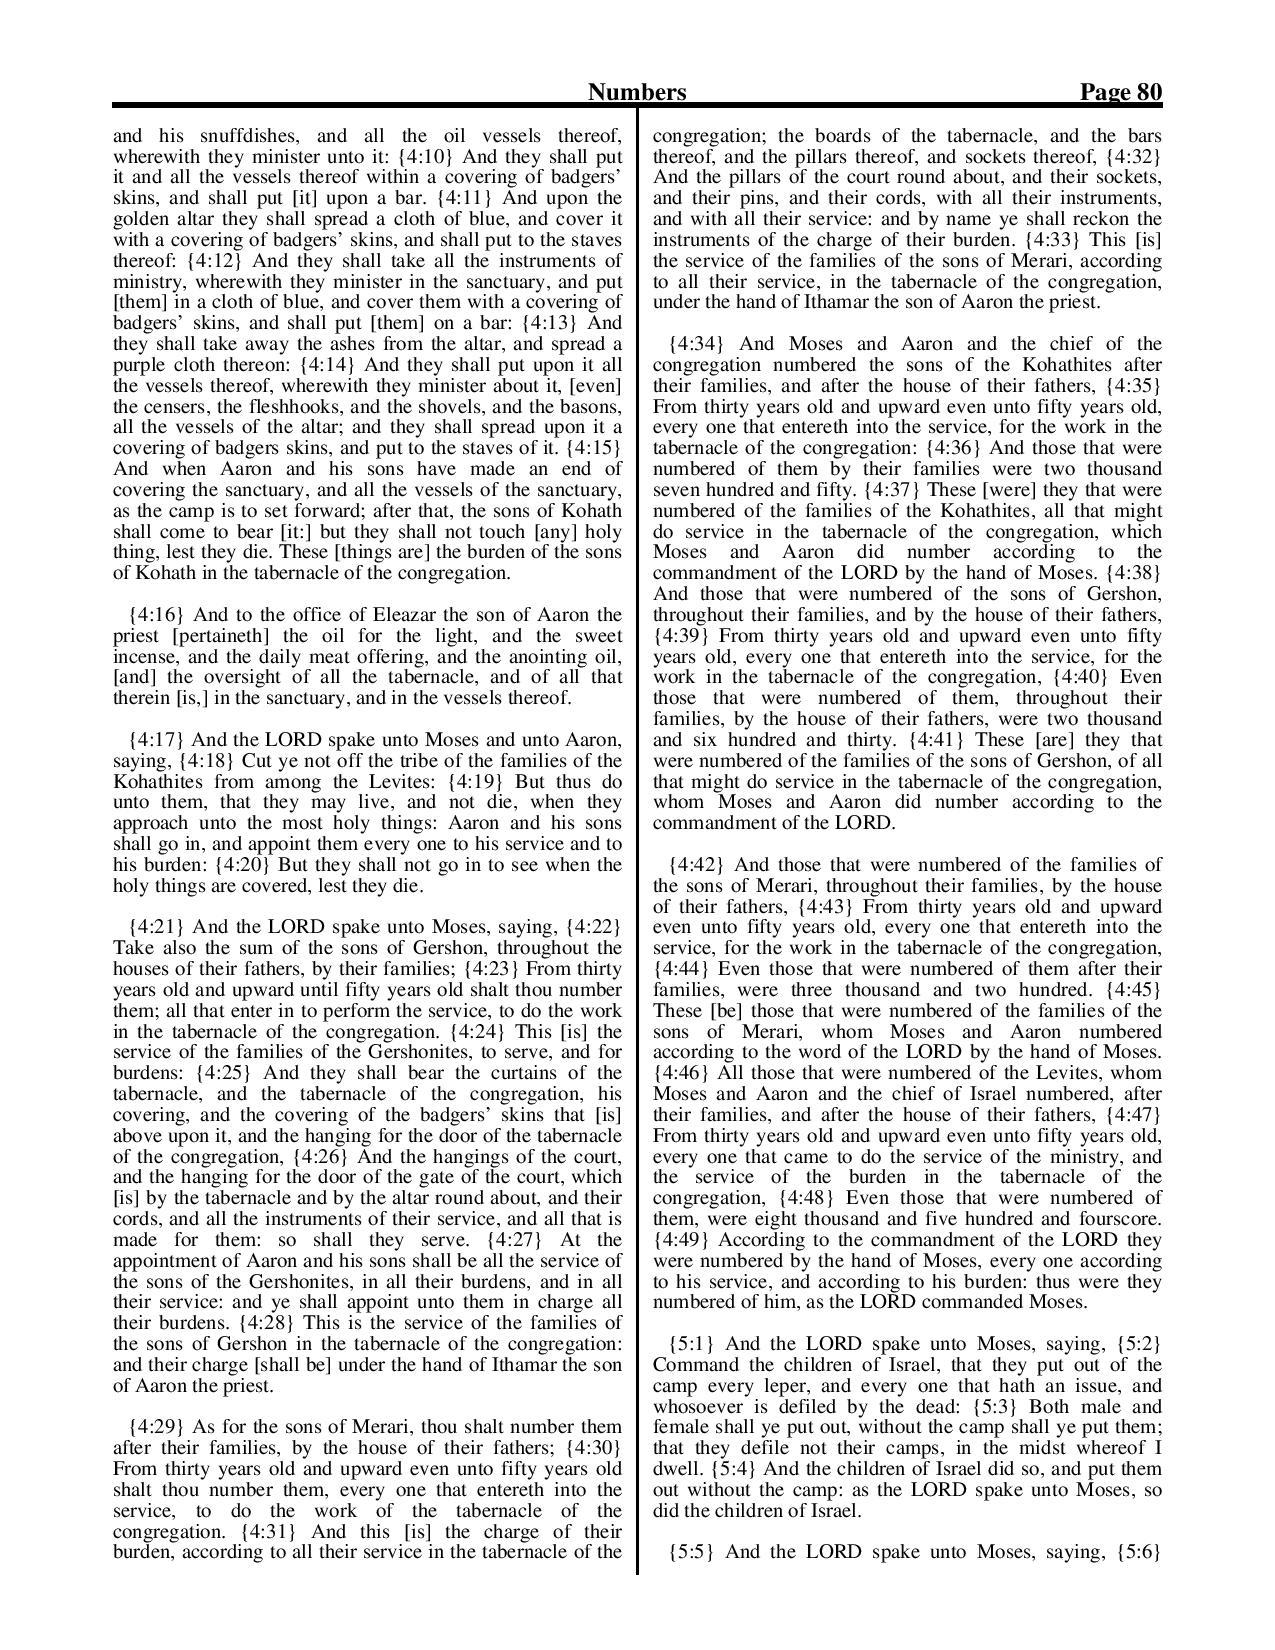 King-James-Bible-KJV-Bible-PDF-page-101